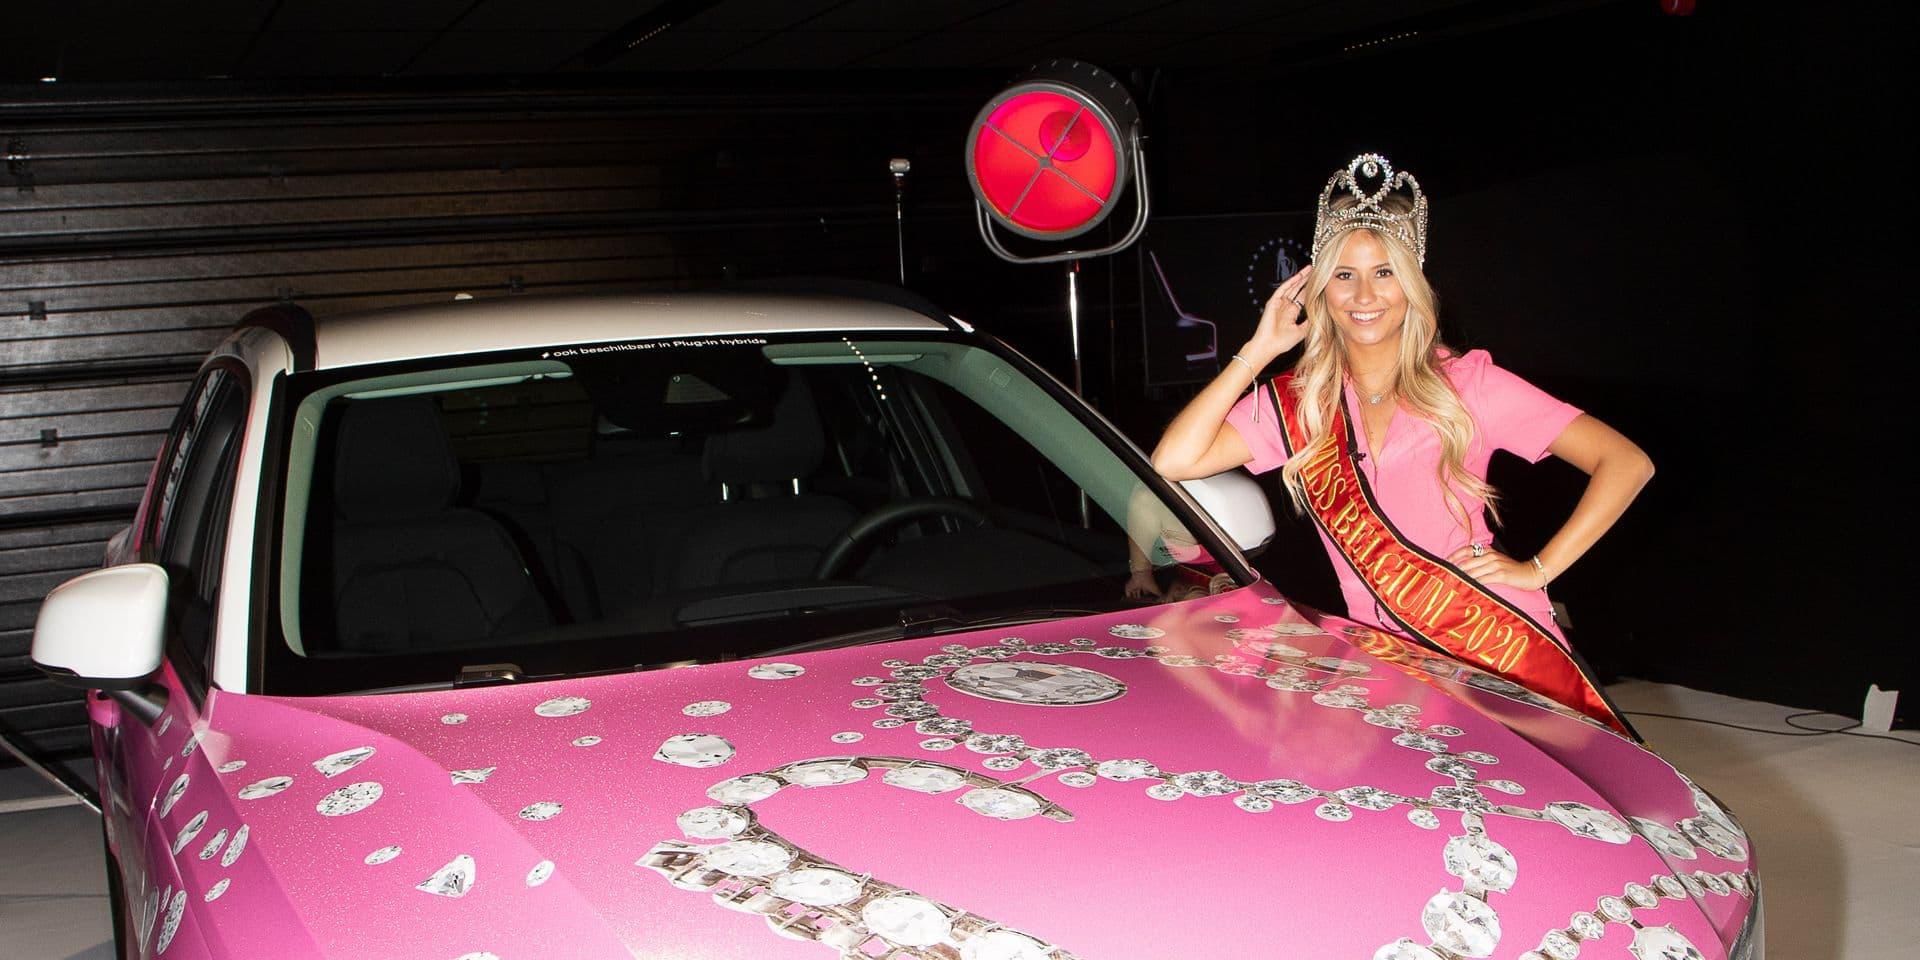 Miss Belgique 2020, a reçu sa Volvo… rose